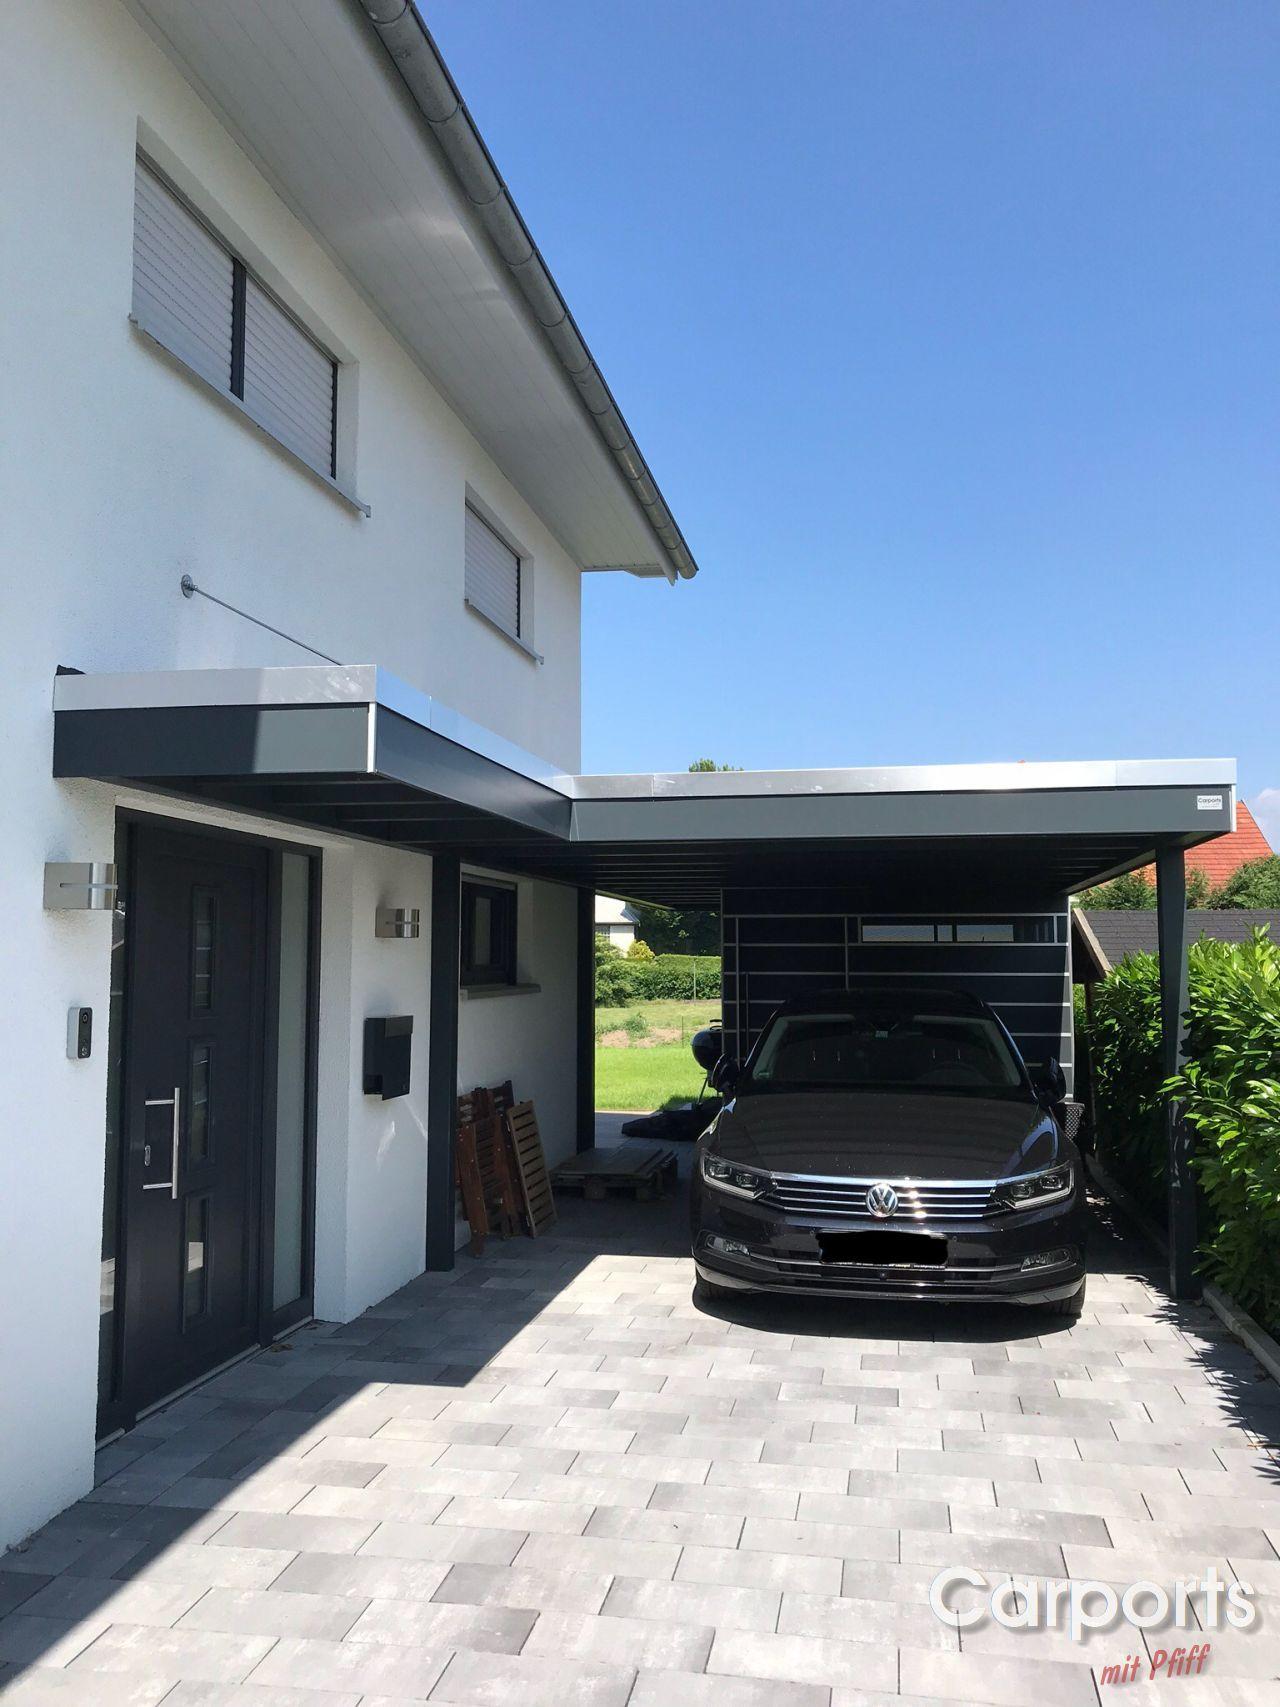 Carport Bauhhaus Hpl Mit Abstellraum Und Vordach Carport Mit Abstellraum Hausturuberdachung Vordach